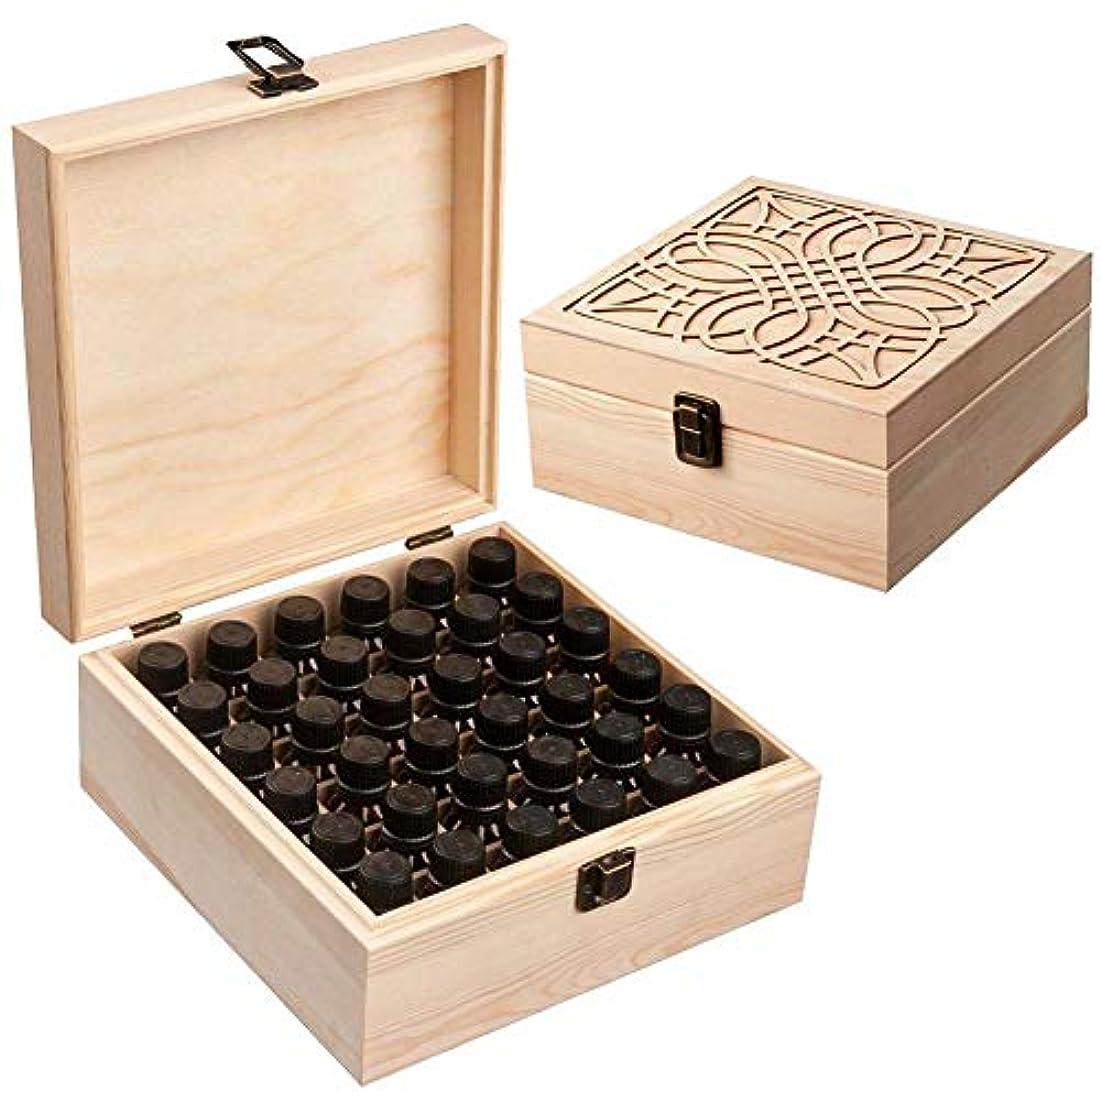 有限国家兄弟愛Newfashion エッセンシャルオイル収納ボックス 精油収納 アロマケース 木製 大容量 携帯便利 オイルボックス 飾り物 36本用